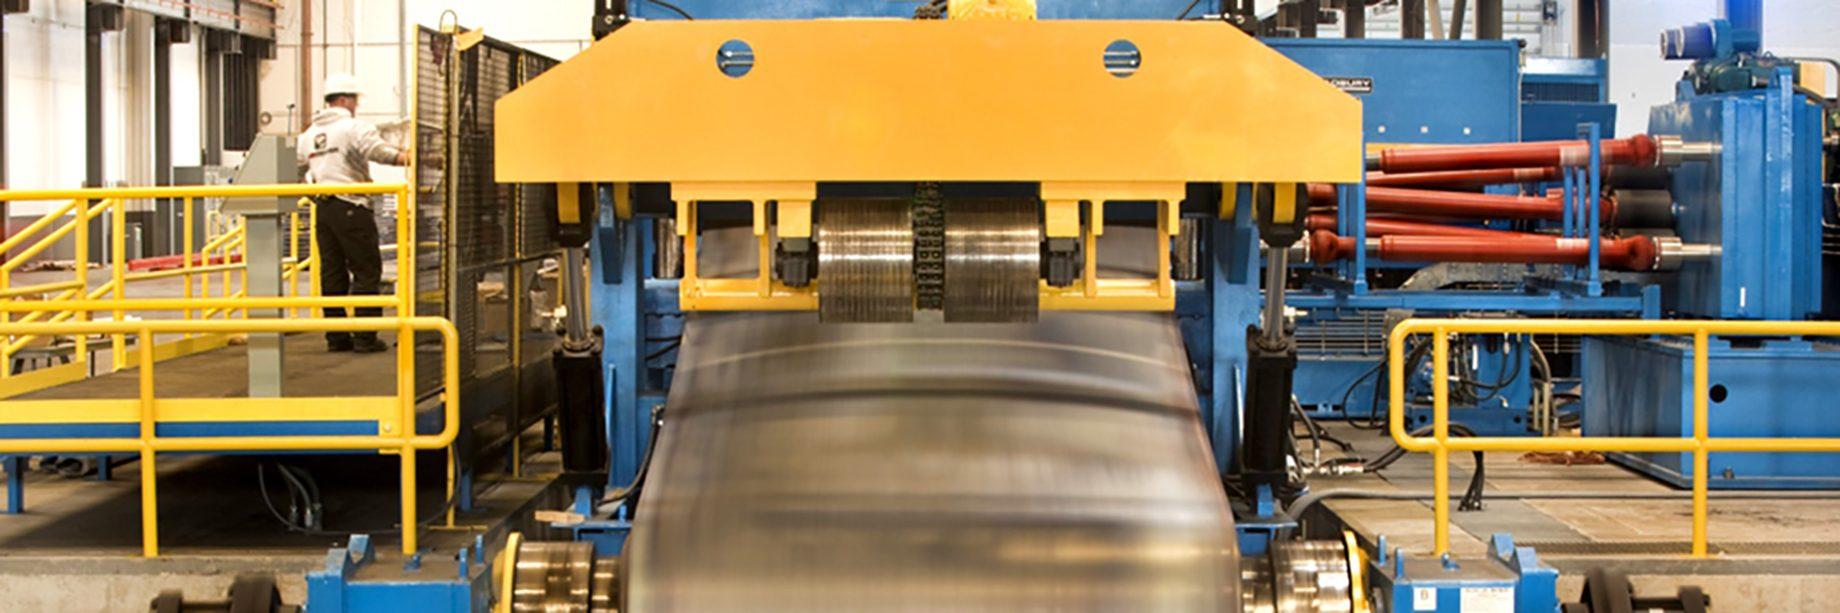 cut-machine-6